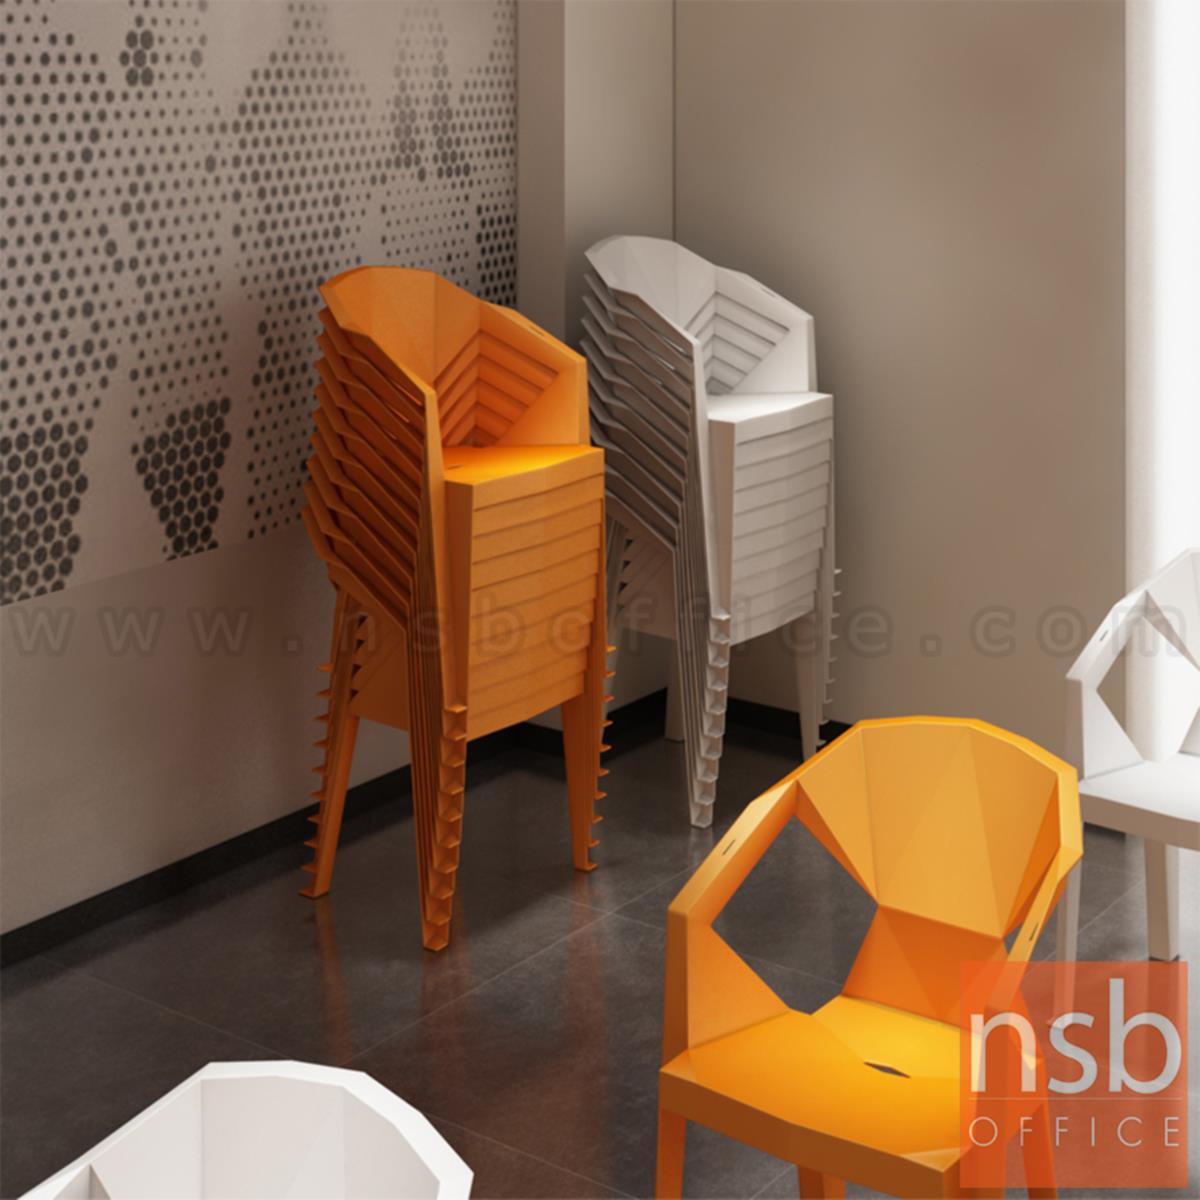 เก้าอี้โมเดิร์นพลาสติกล้วน รุ่น Renton (เรนตัน) ขนาด 57W cm.